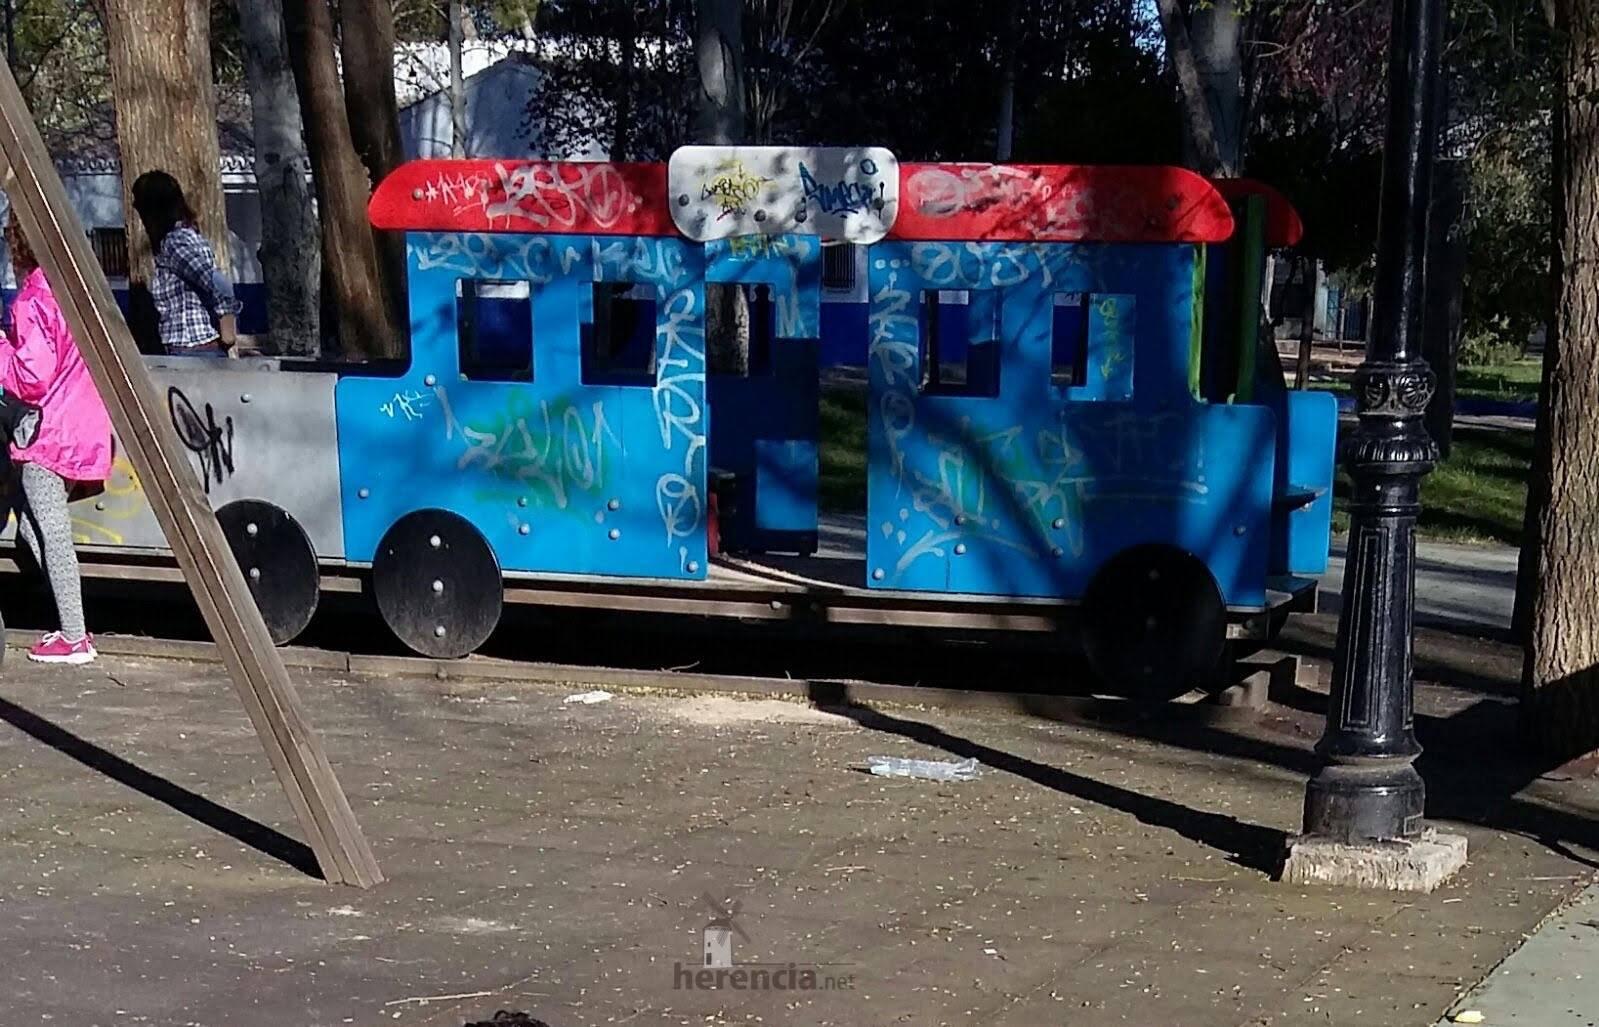 lamentable estado del parque infantil en herencia - 2